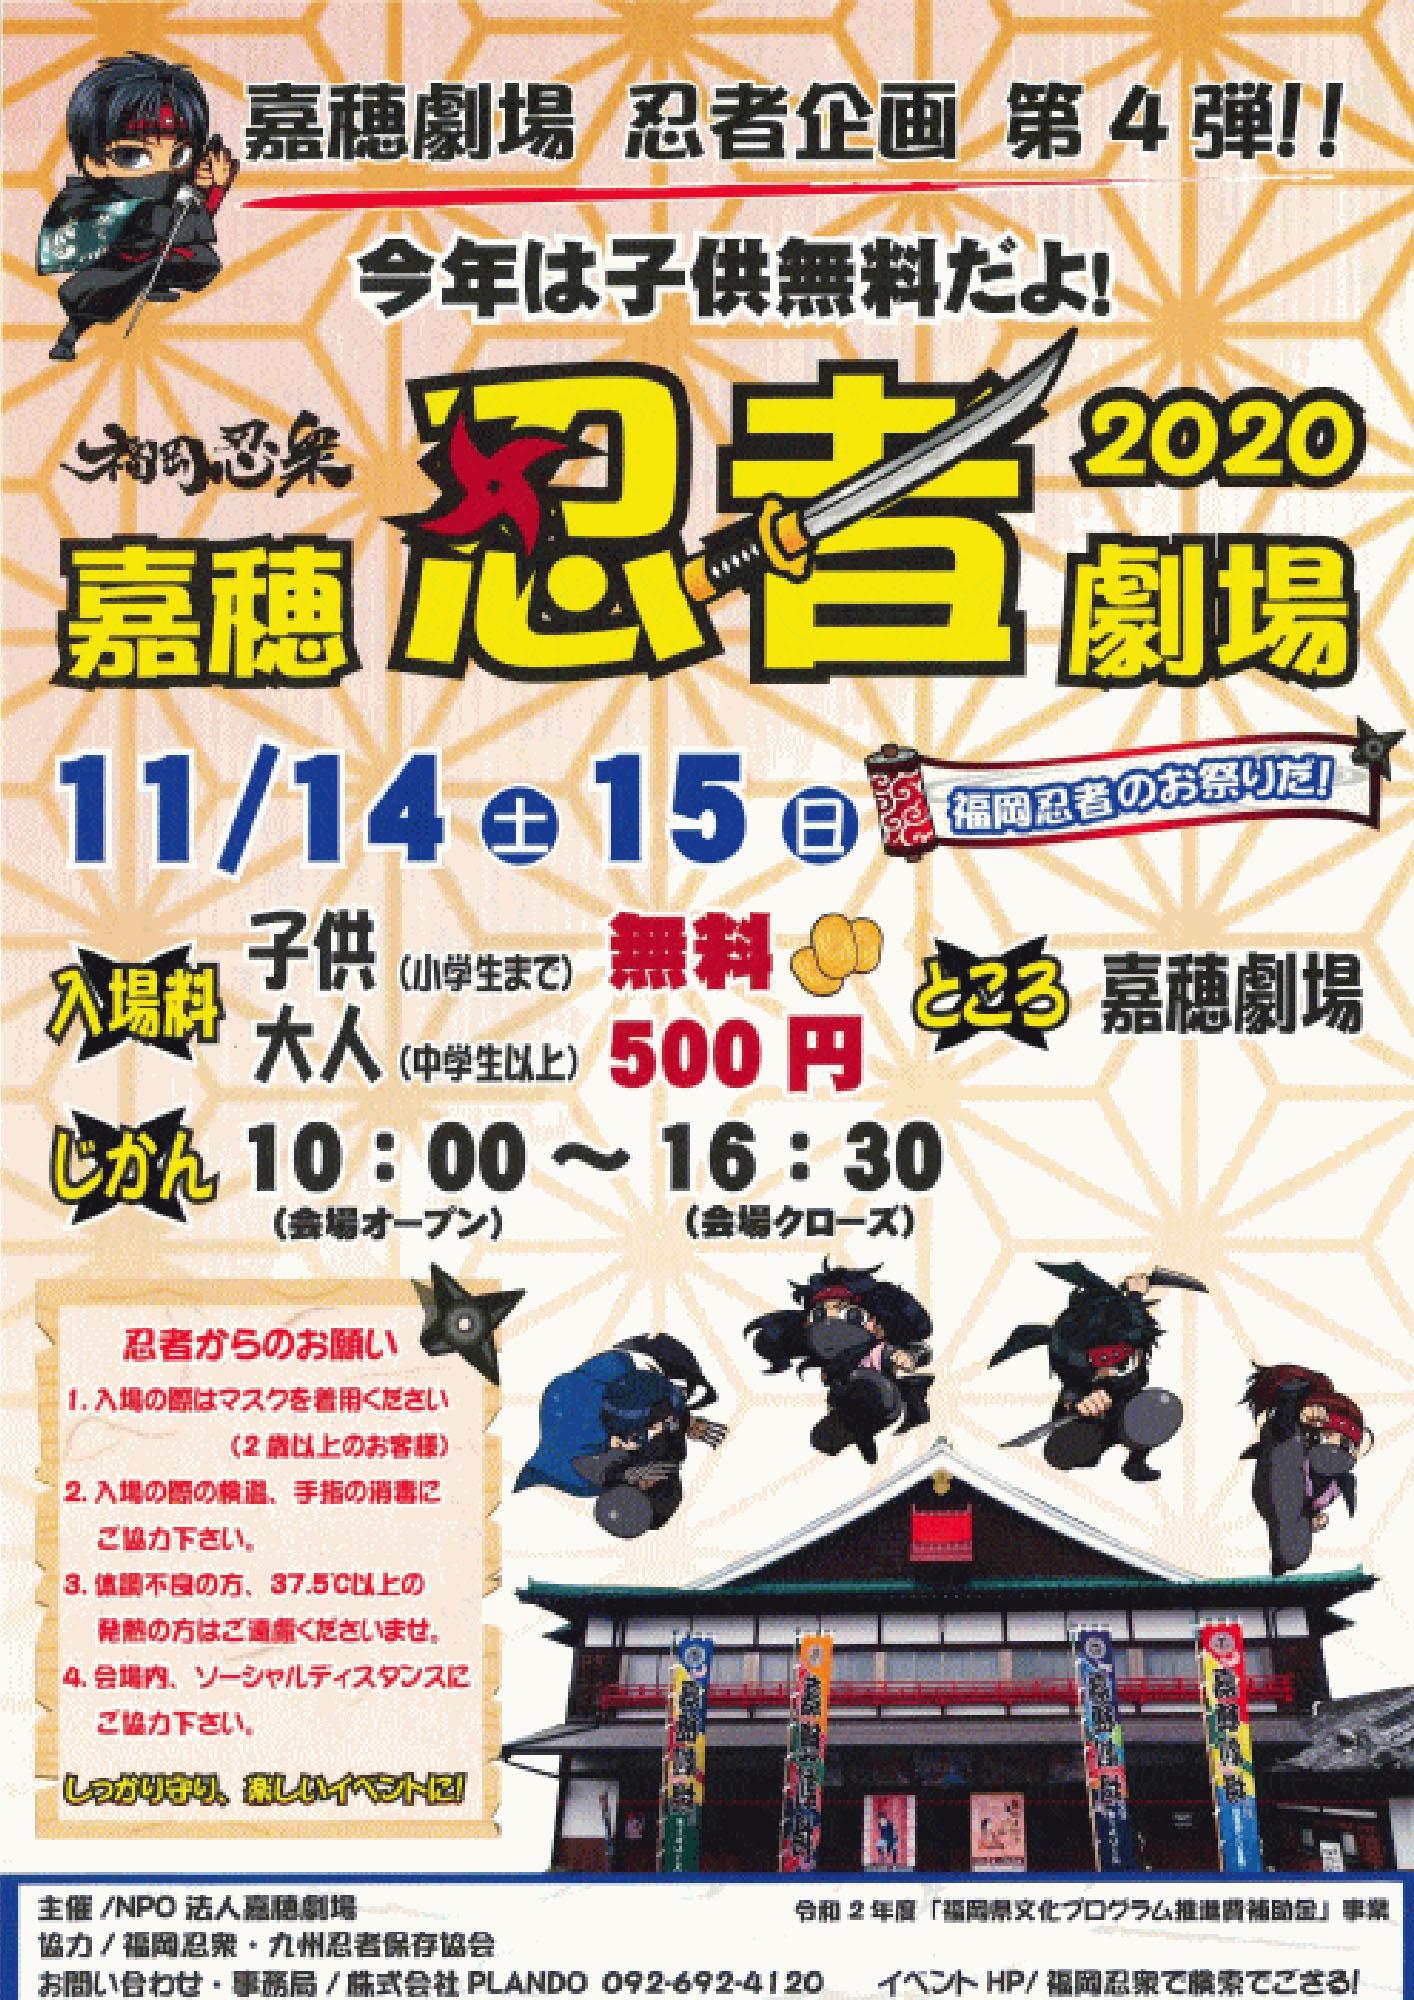 嘉穂忍者劇場 2020